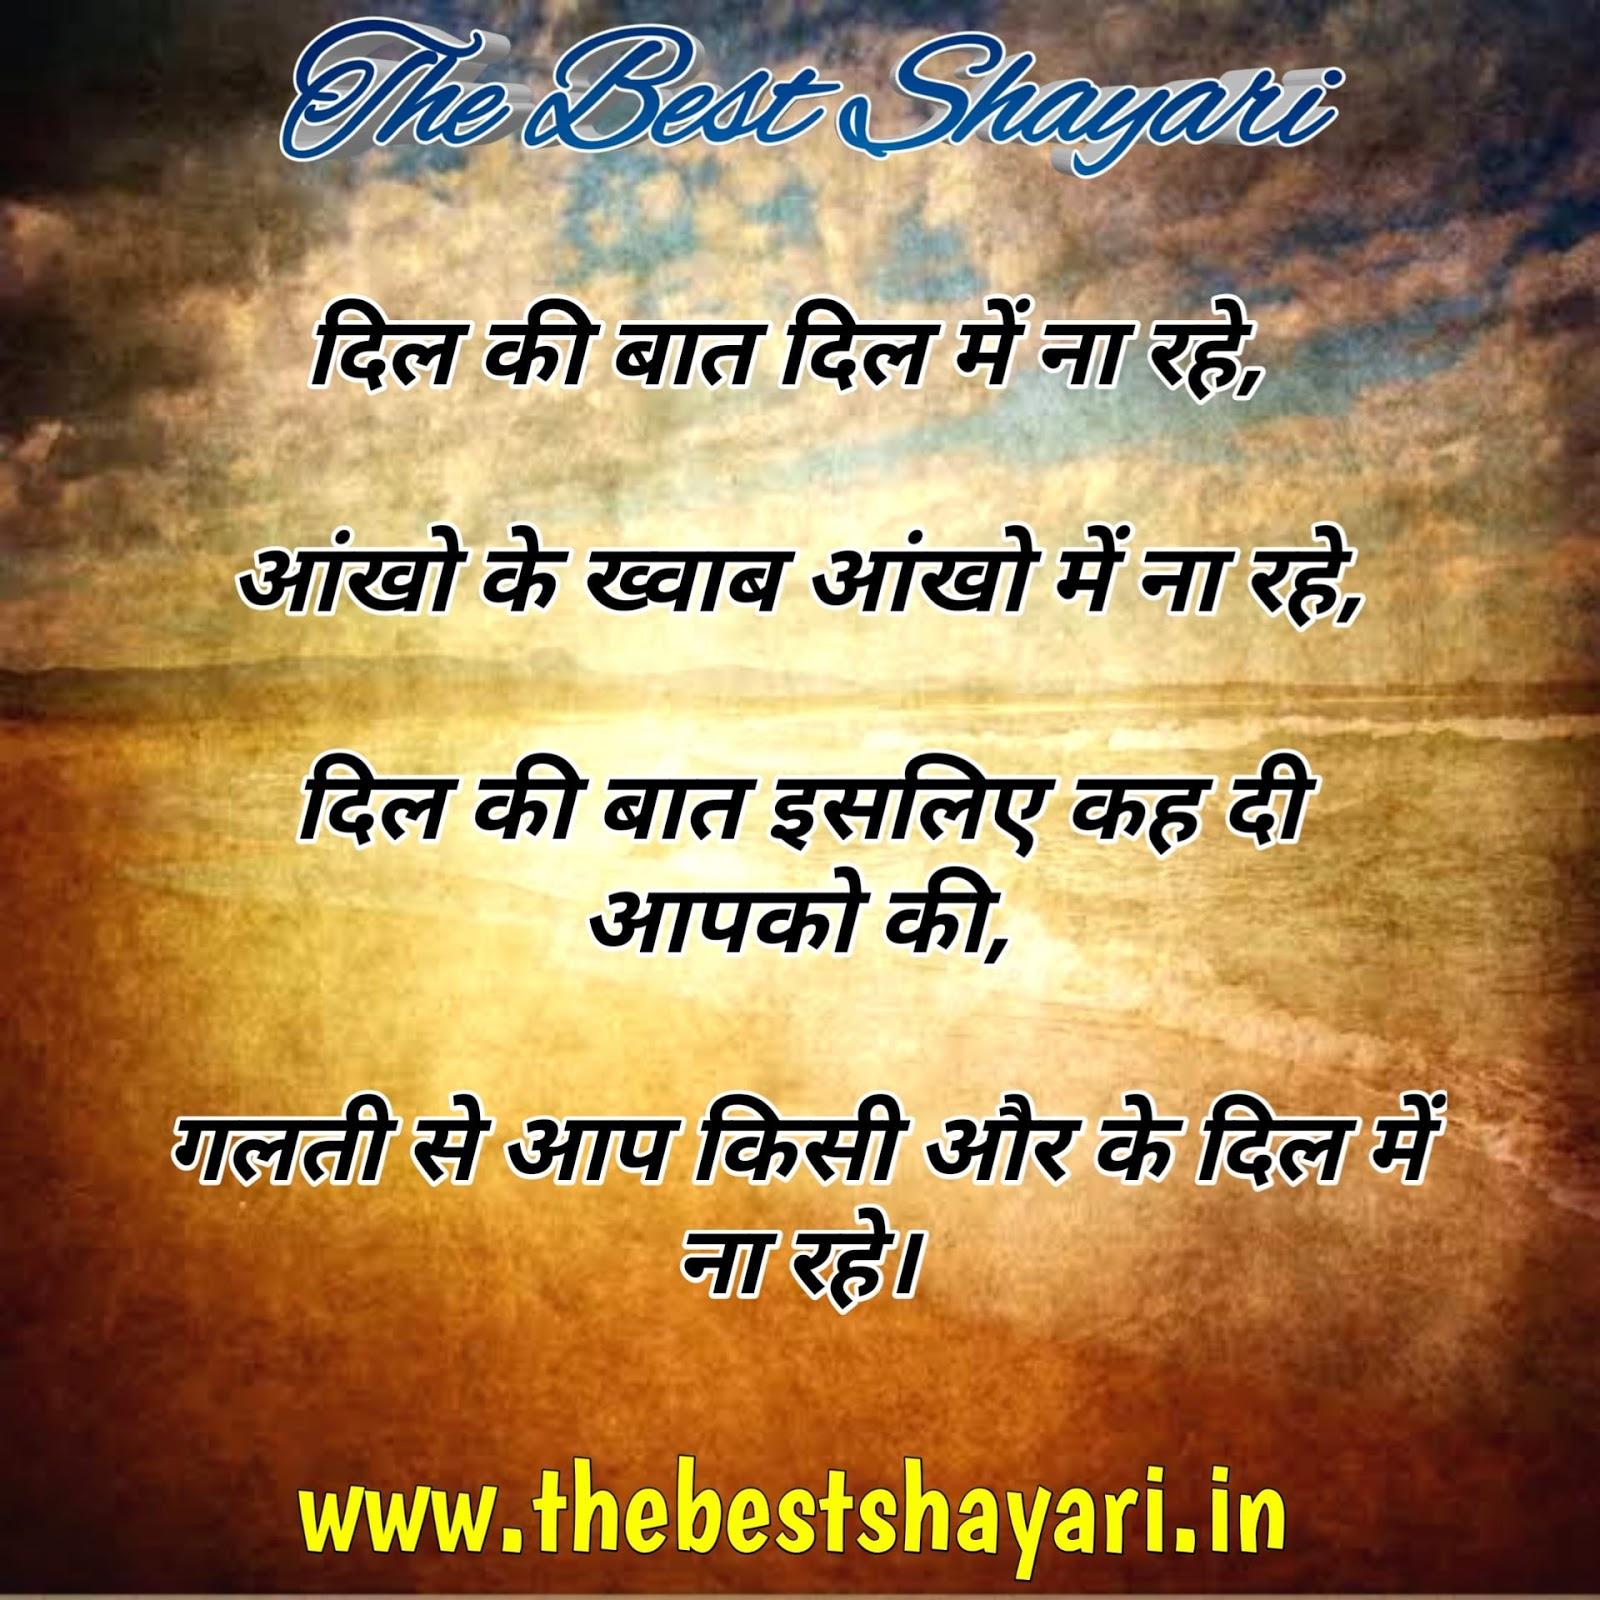 Love shayari for gf in hindi